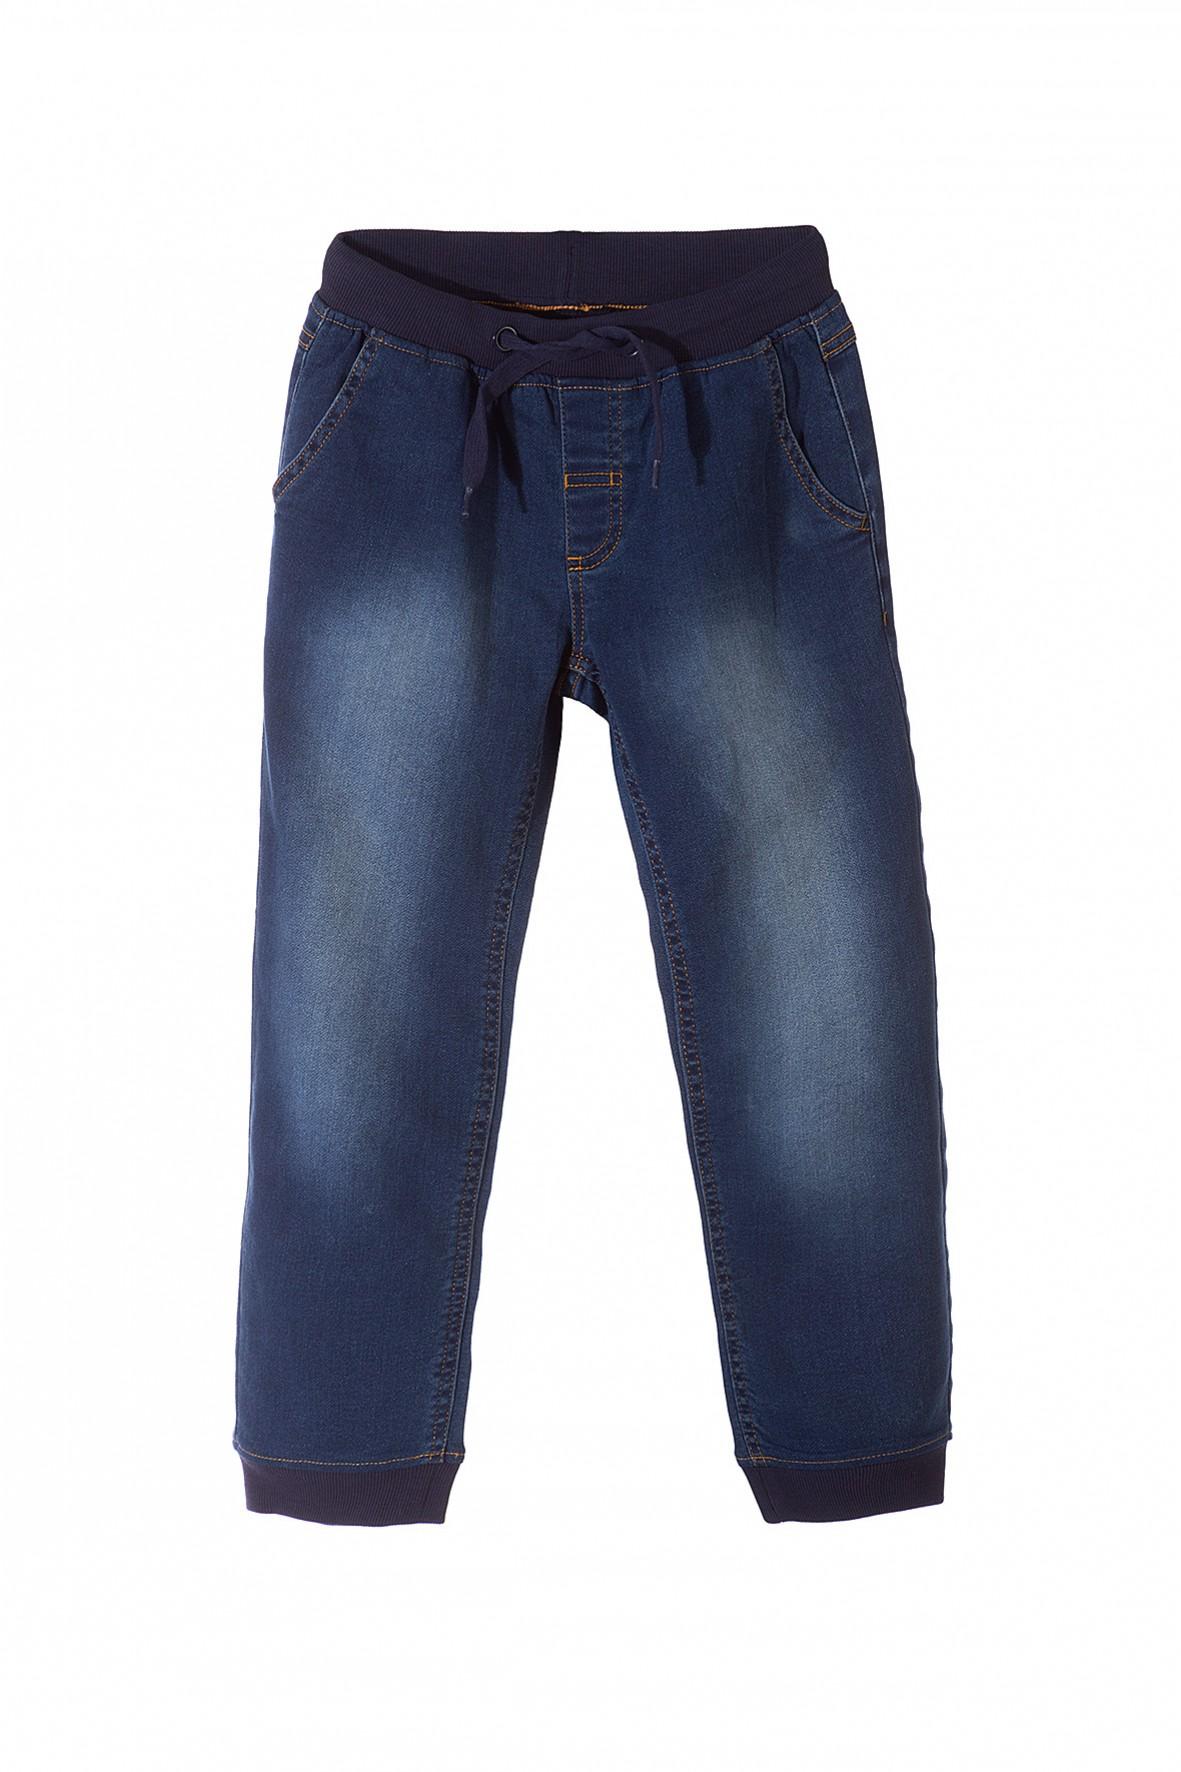 Spodnie jeansowe dla chłopca- granatowe